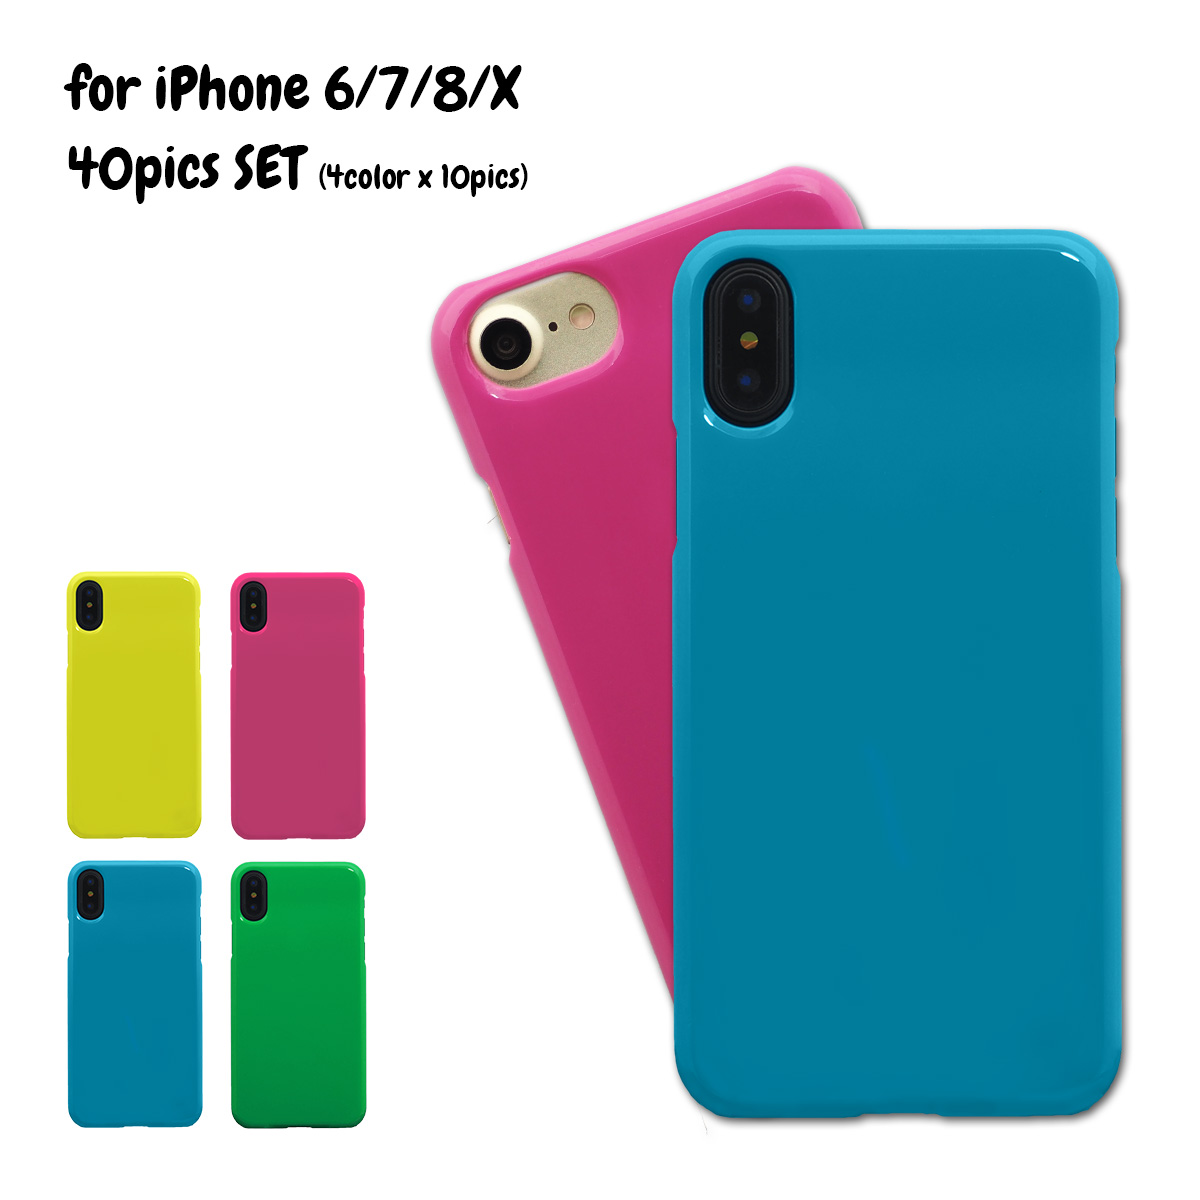 ハードケース 40枚セット スマホケース iphoneケース iphone x iPhoneX iphoneXS iPhone8 iPhone7 iPhone6 アイフォン カバー カラー カラフル